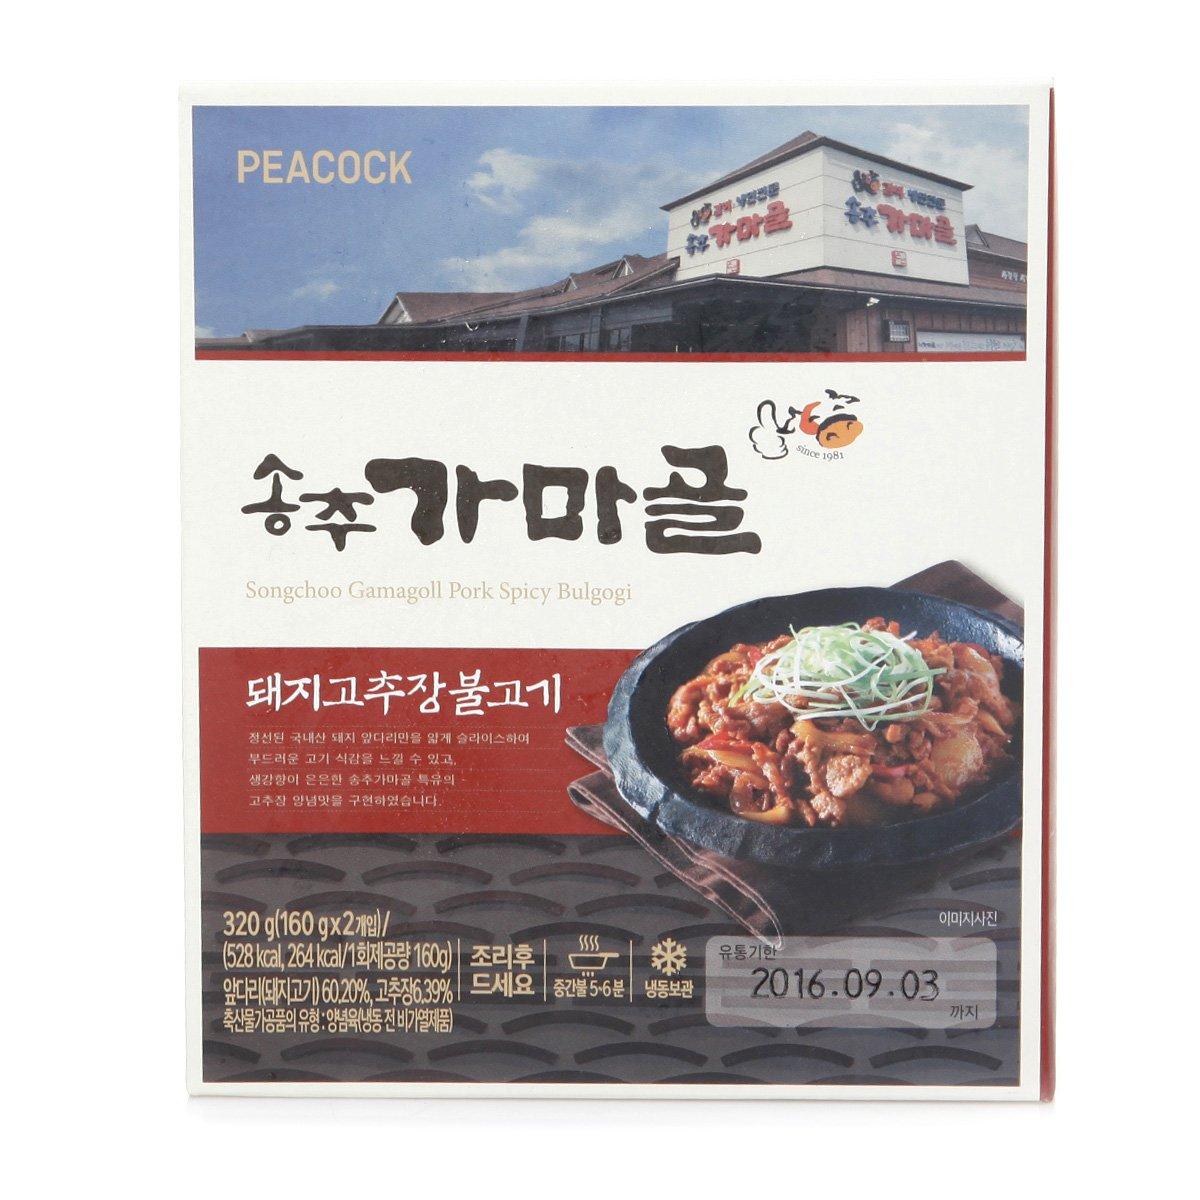 [피코크] 송추 가마골 돼지 고추장 불고기 320g